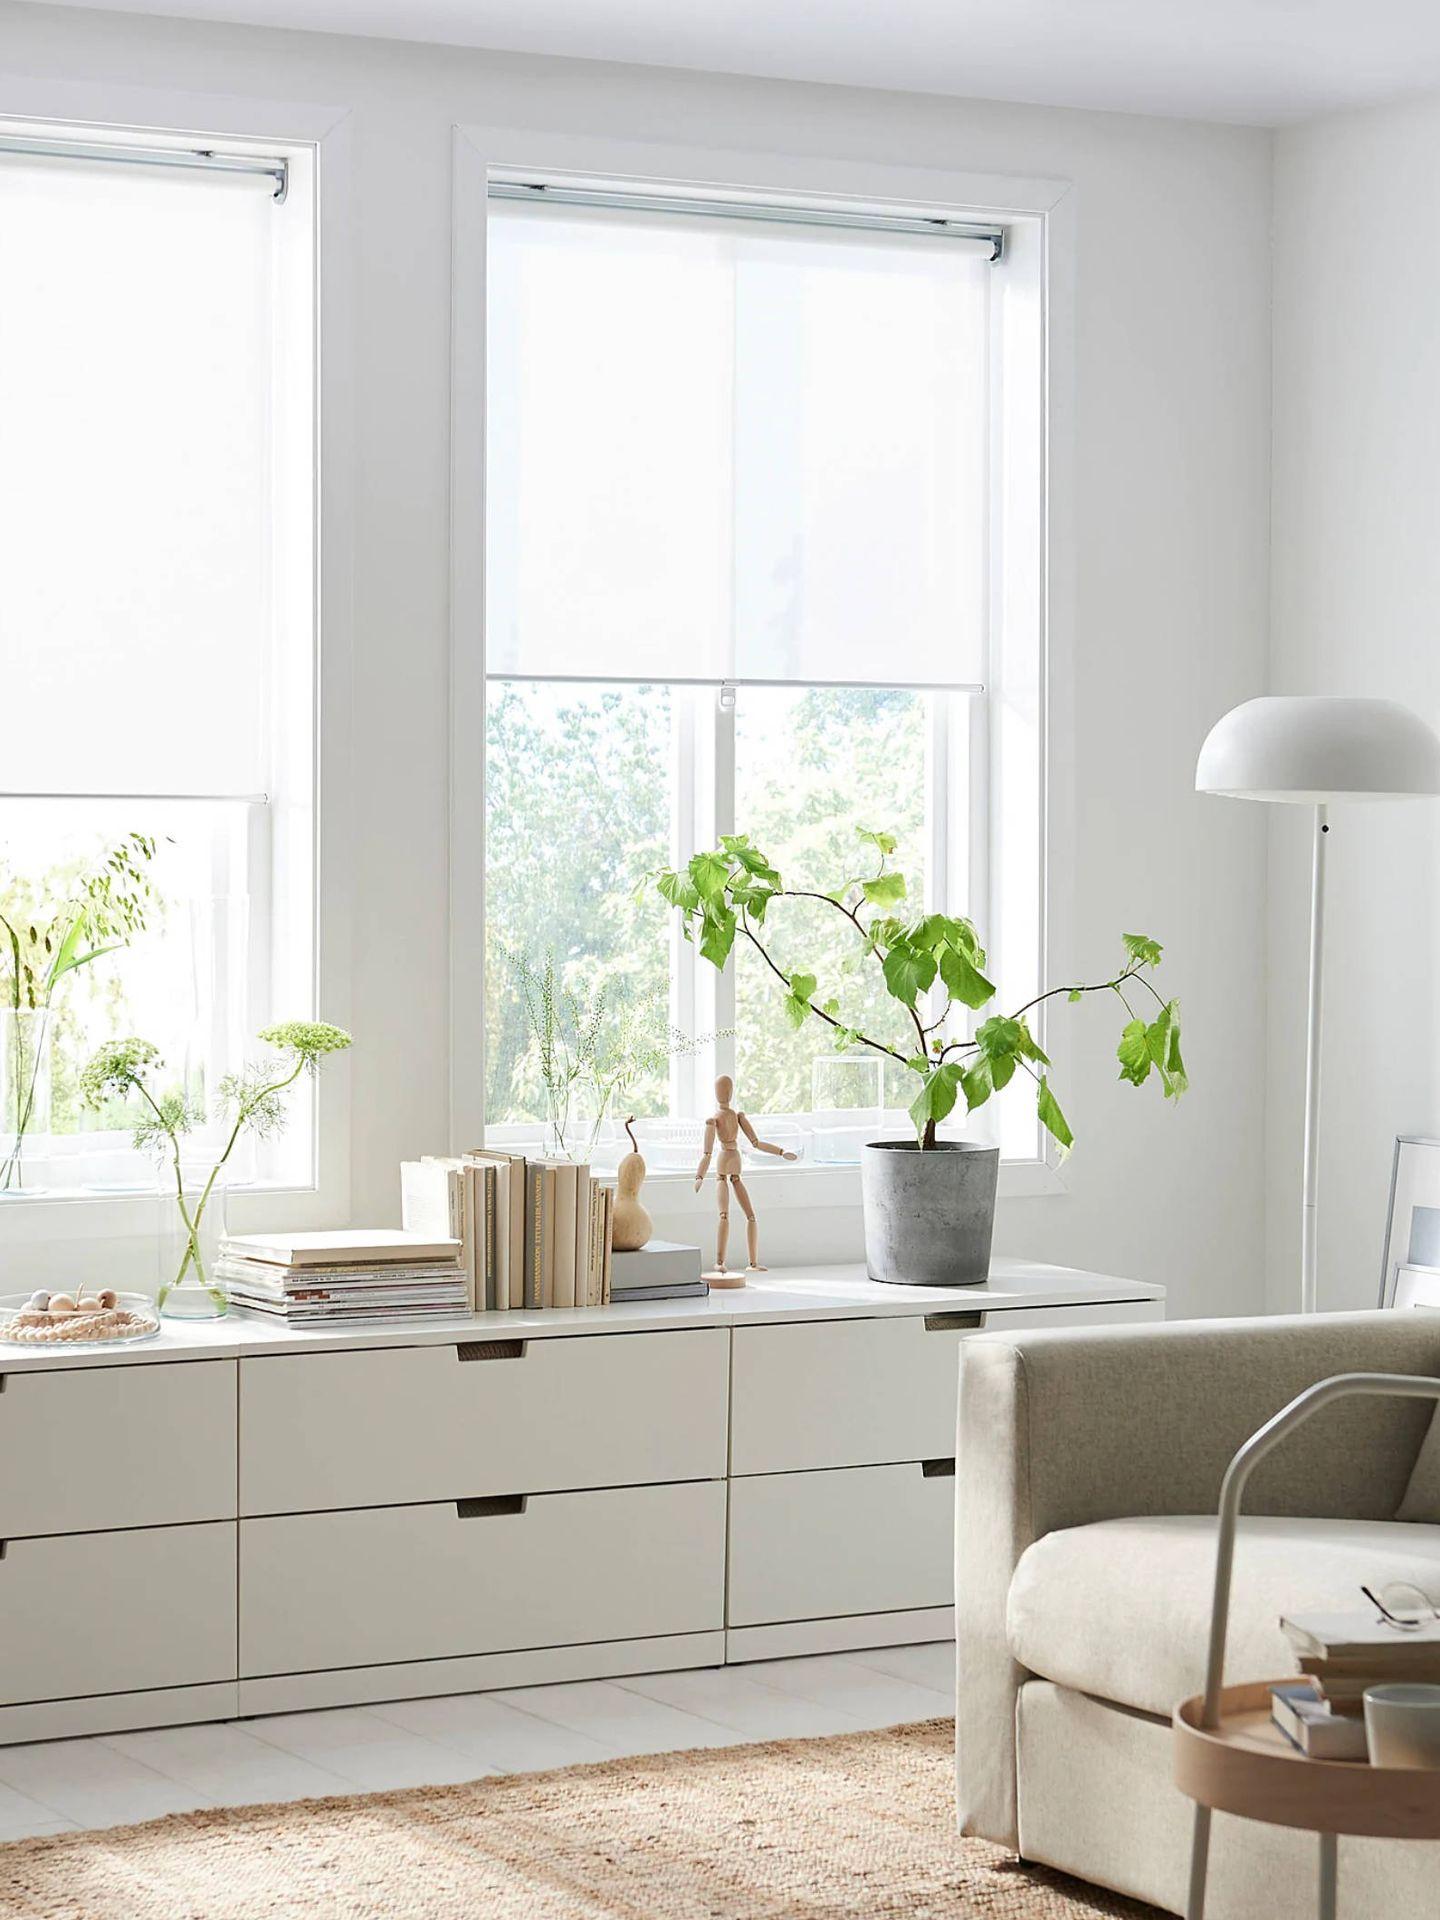 Estores de Ikea. (Cortesía)